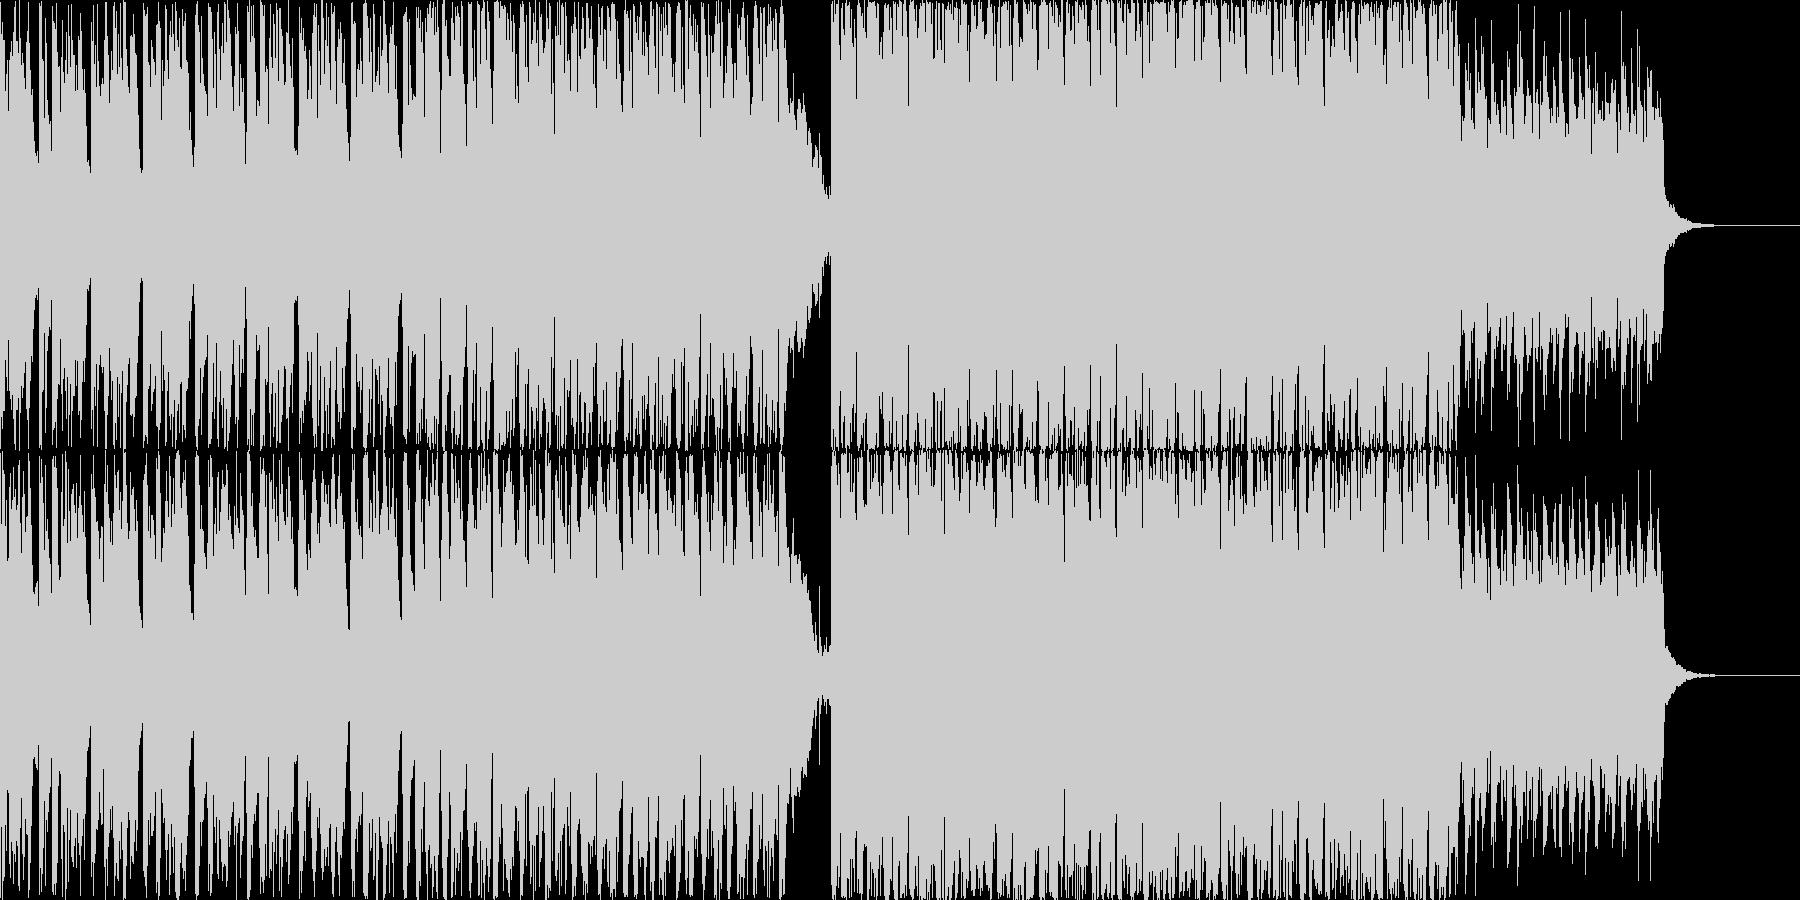 16分シンセメロの軽快なエレクトロニカ曲の未再生の波形